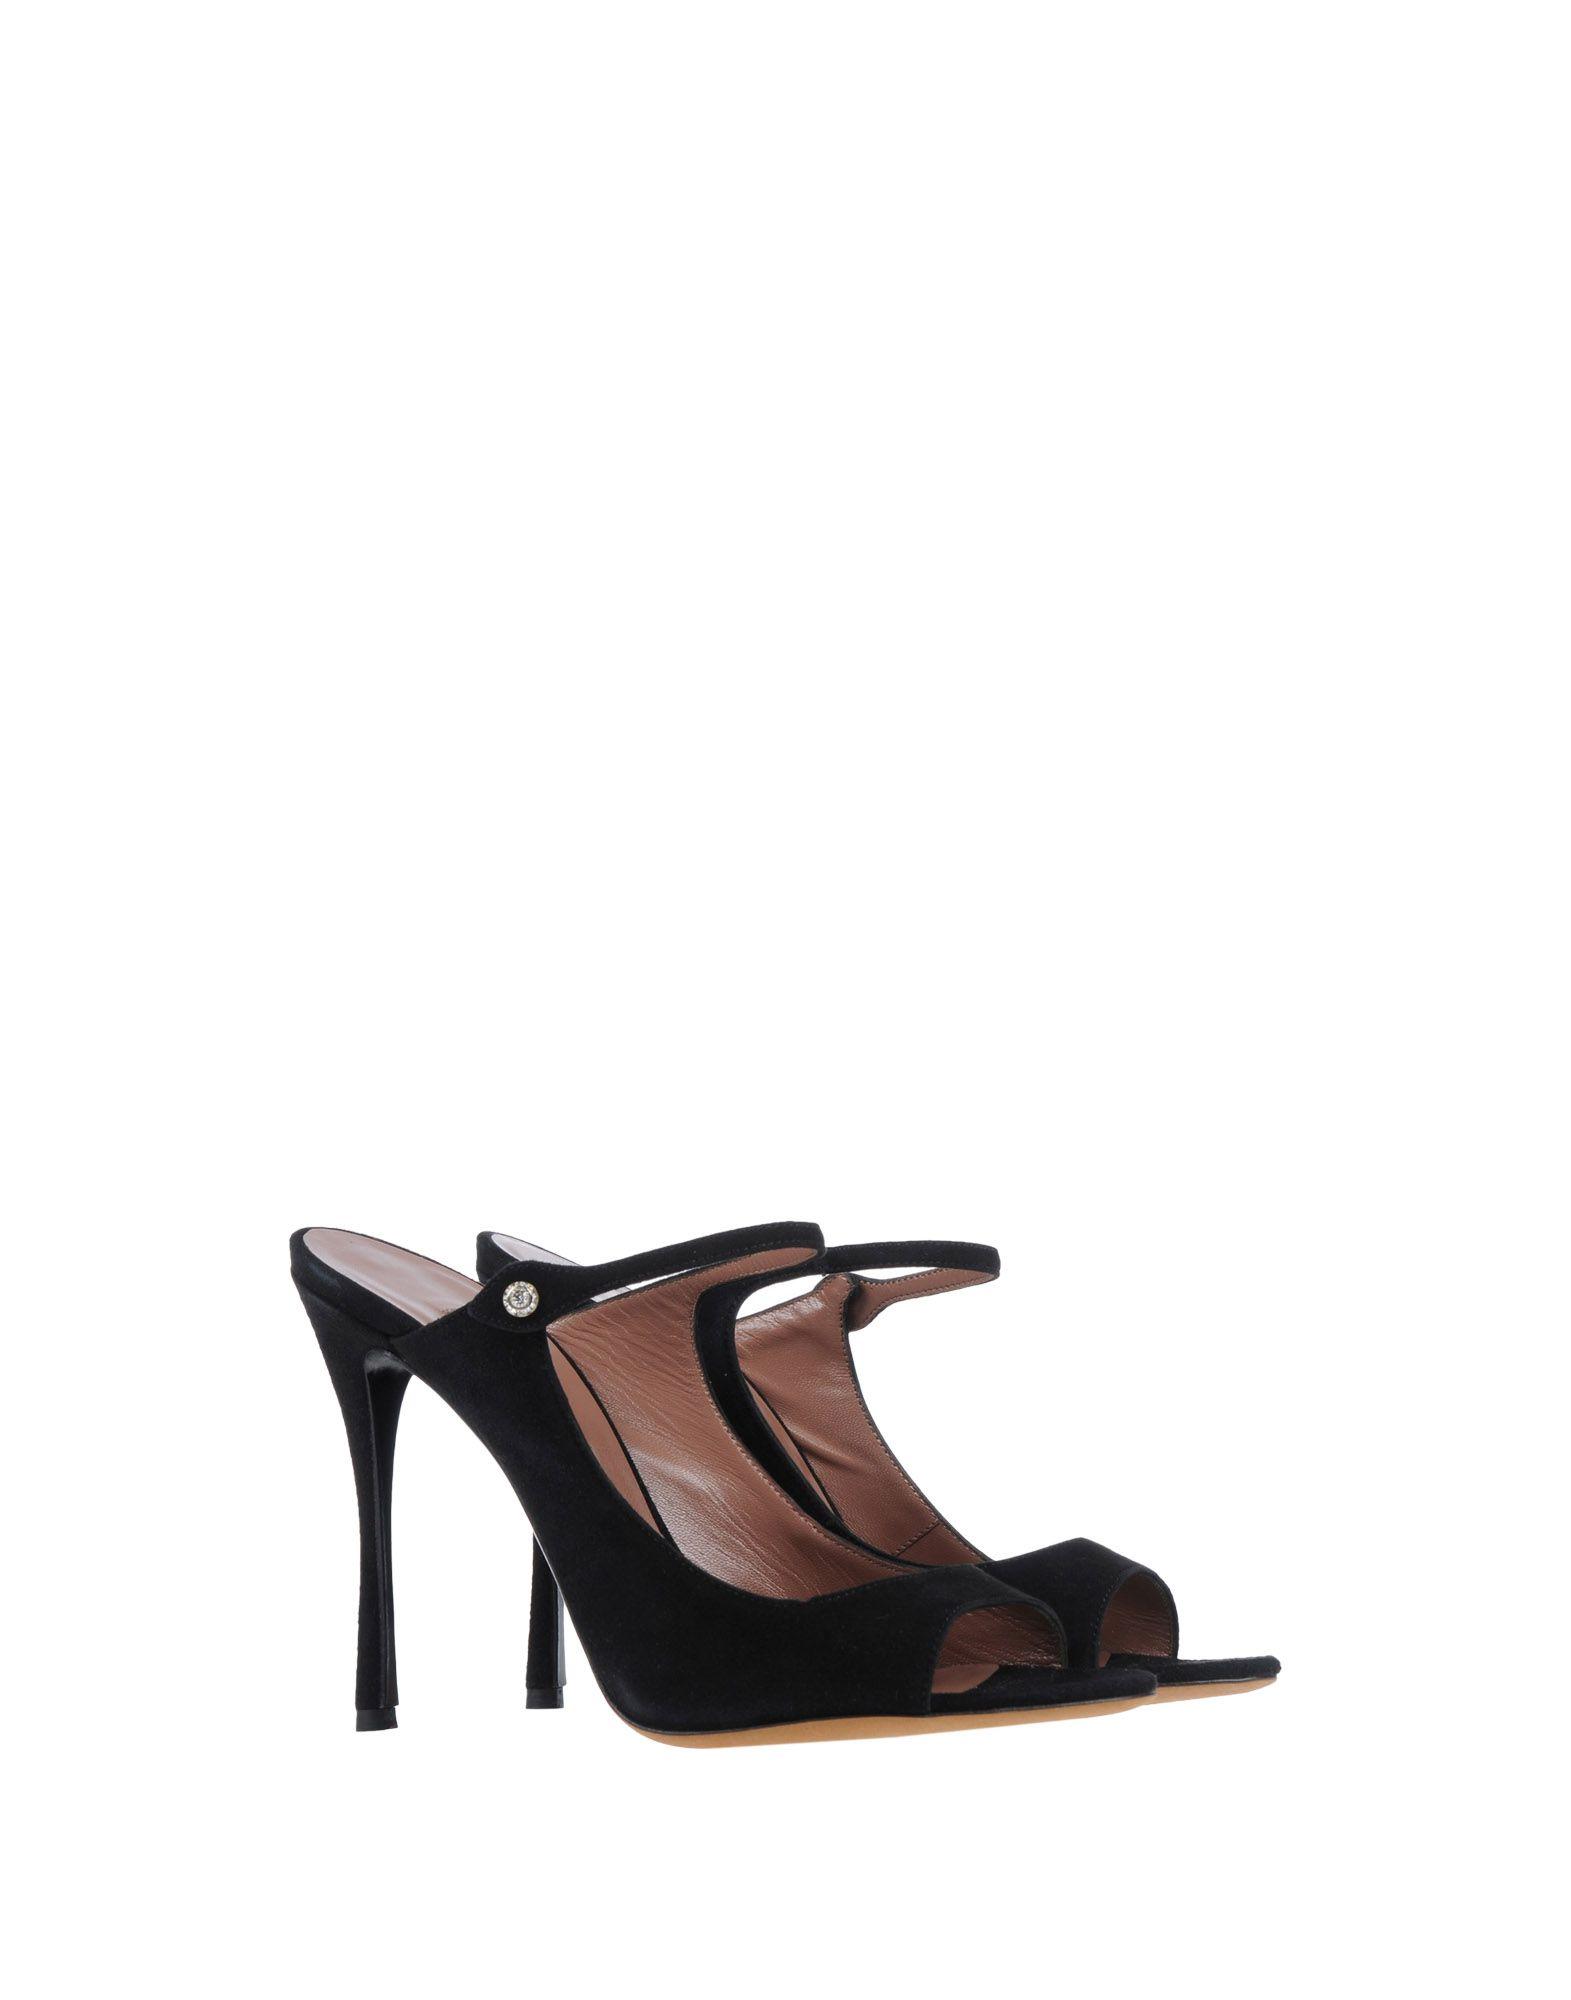 Rabatt Schuhe Tabitha Simmons  Sandalen Damen  Simmons 11473239IQ 863210